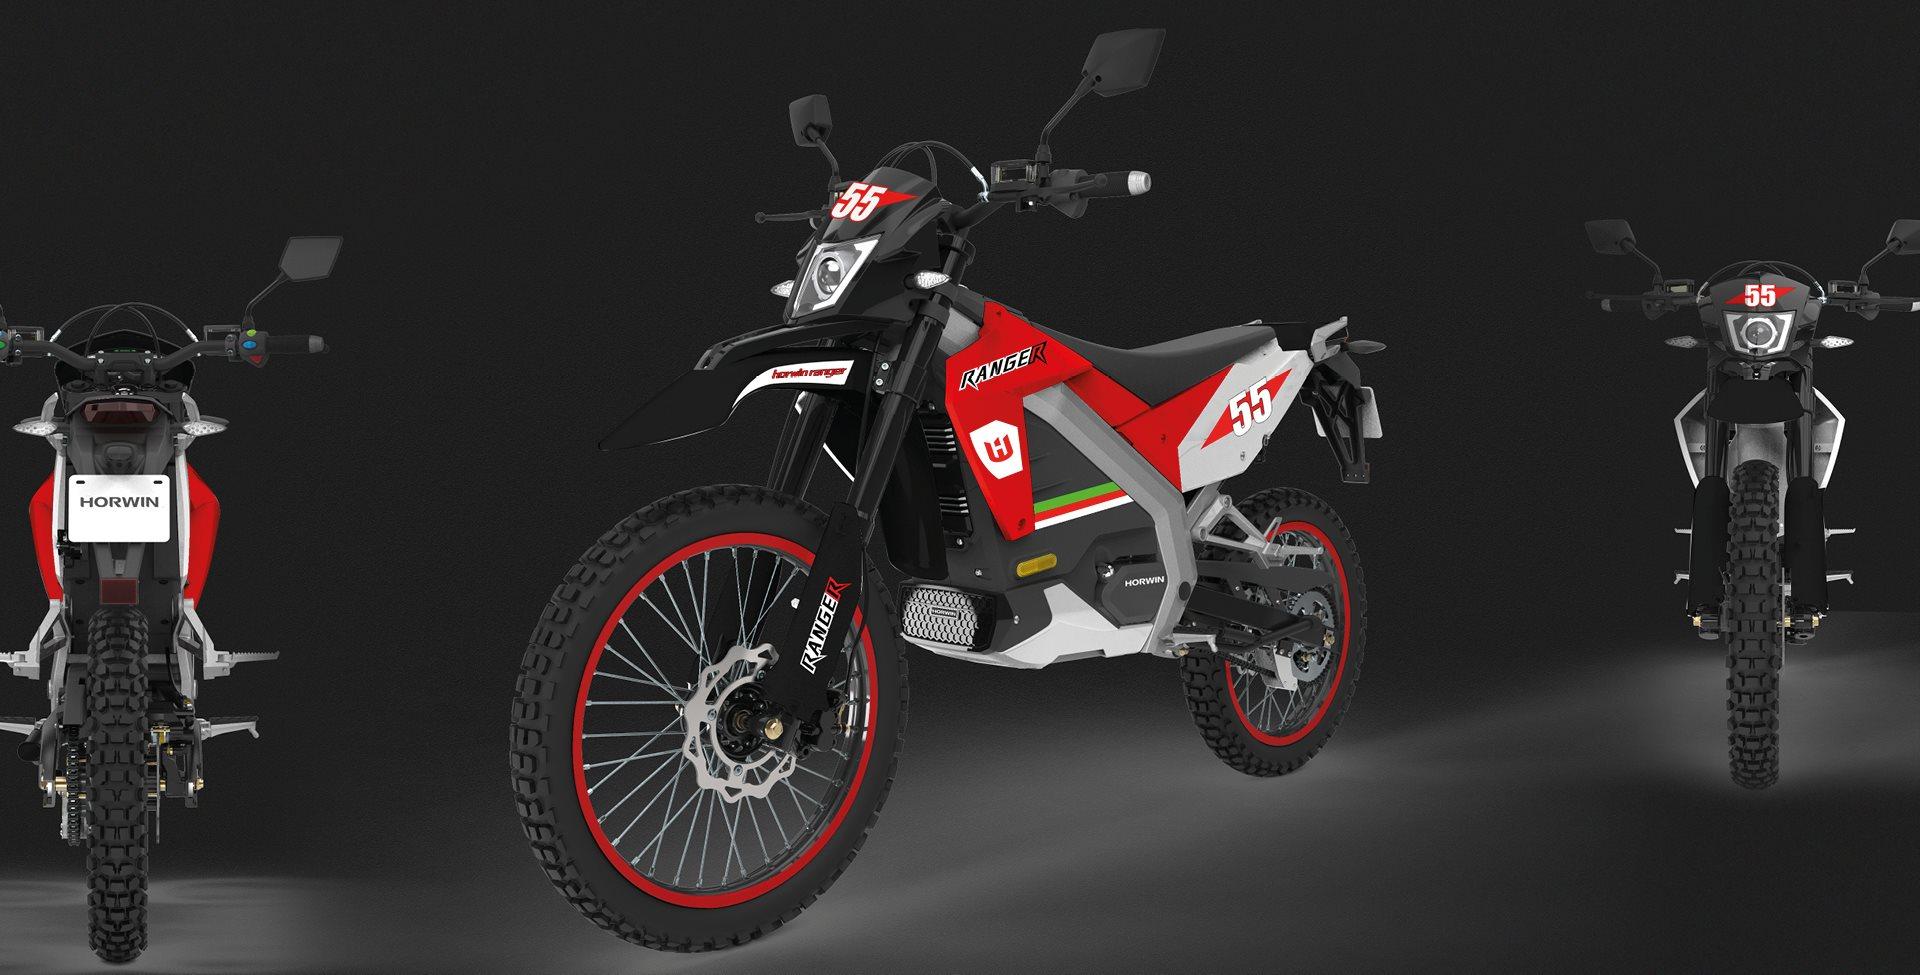 Horwin Ranger Street Motorrad, neu